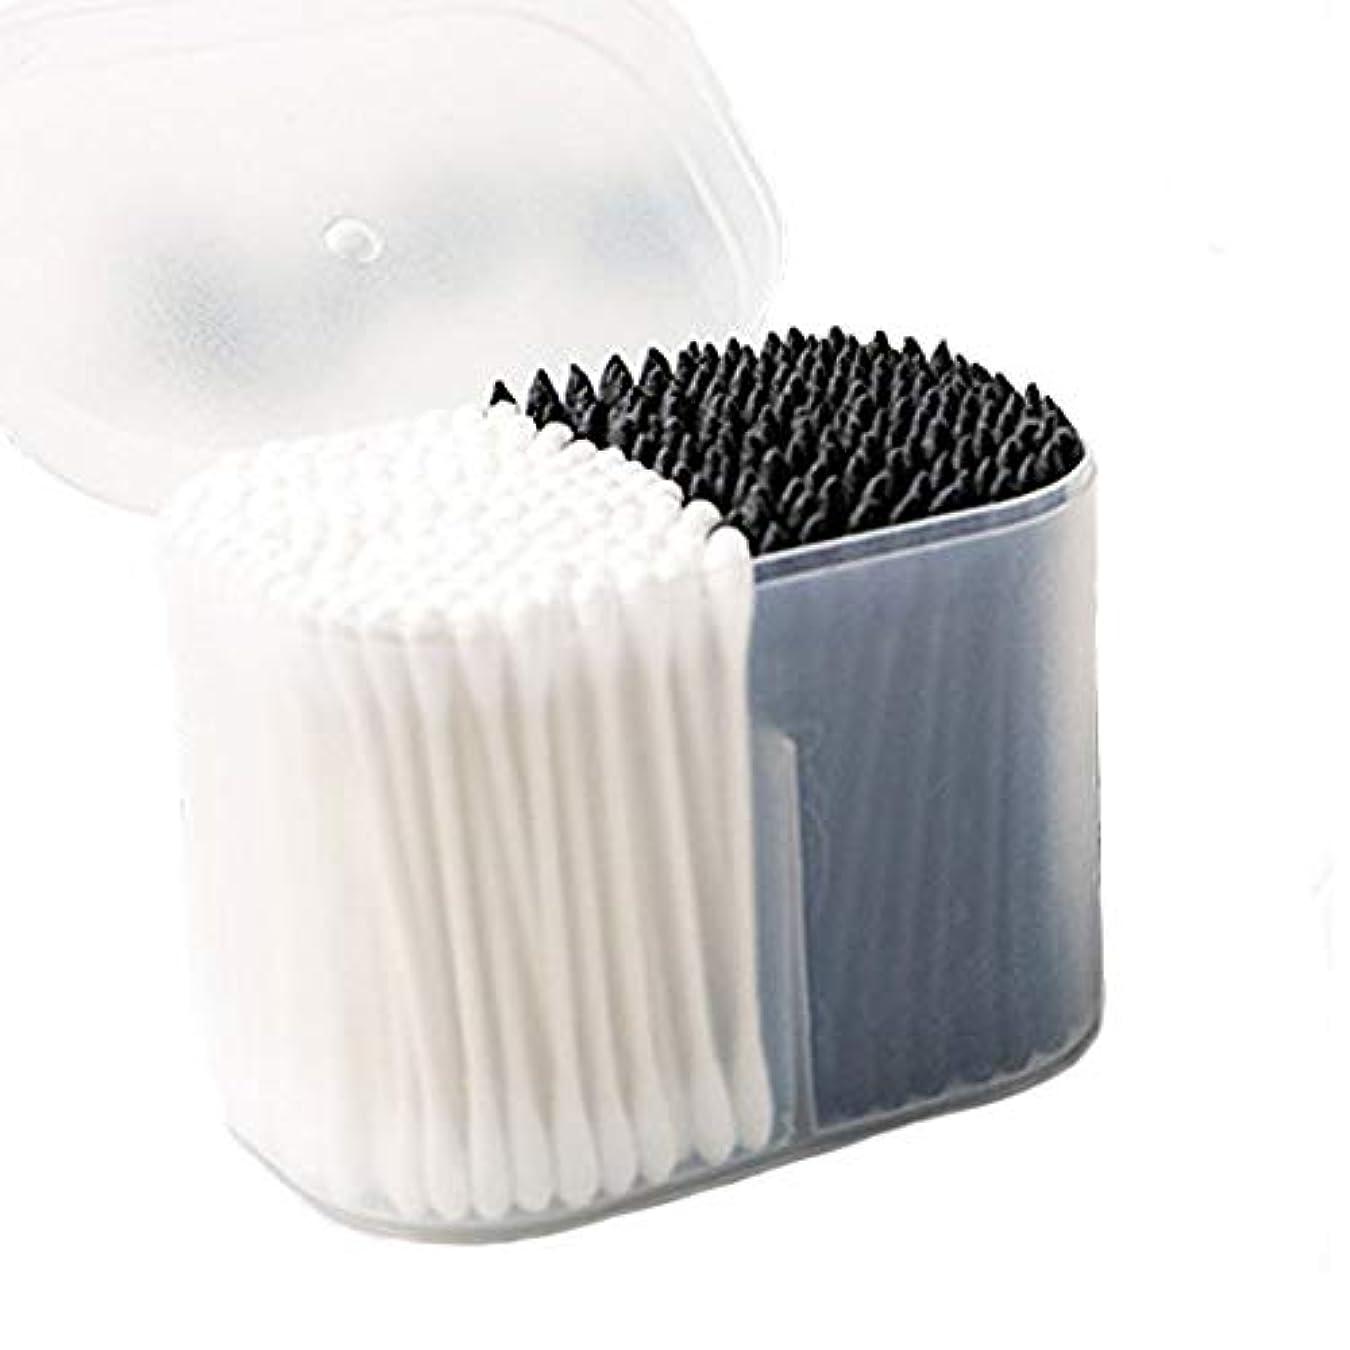 パフ胚芽アイデア美容化粧綿棒スティック綿綿スティック使い捨てクレンジングクレンジング耳先の尖った綿棒箱入り300